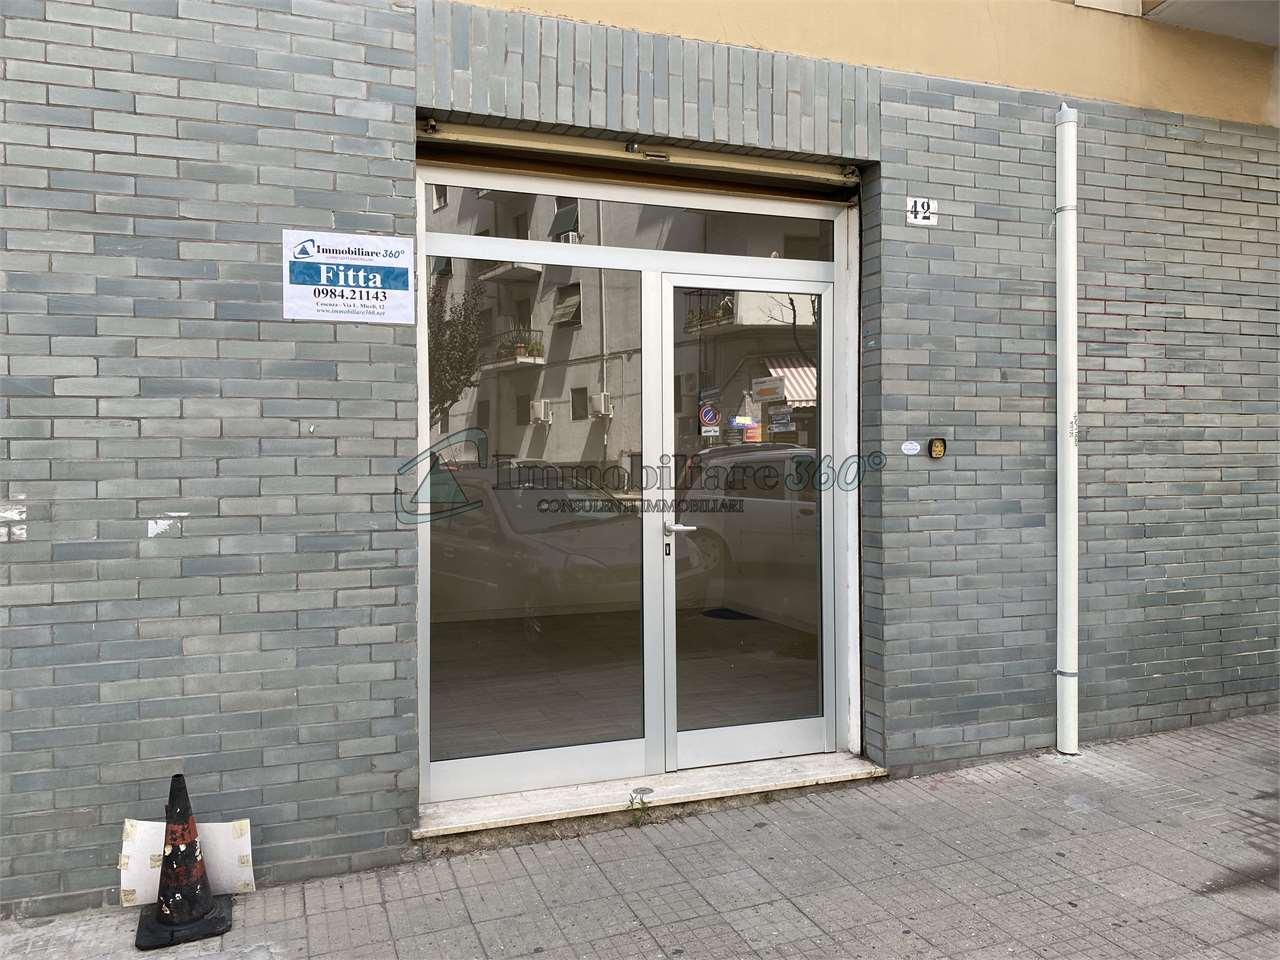 Ufficio in affitto a Cosenza (CS)